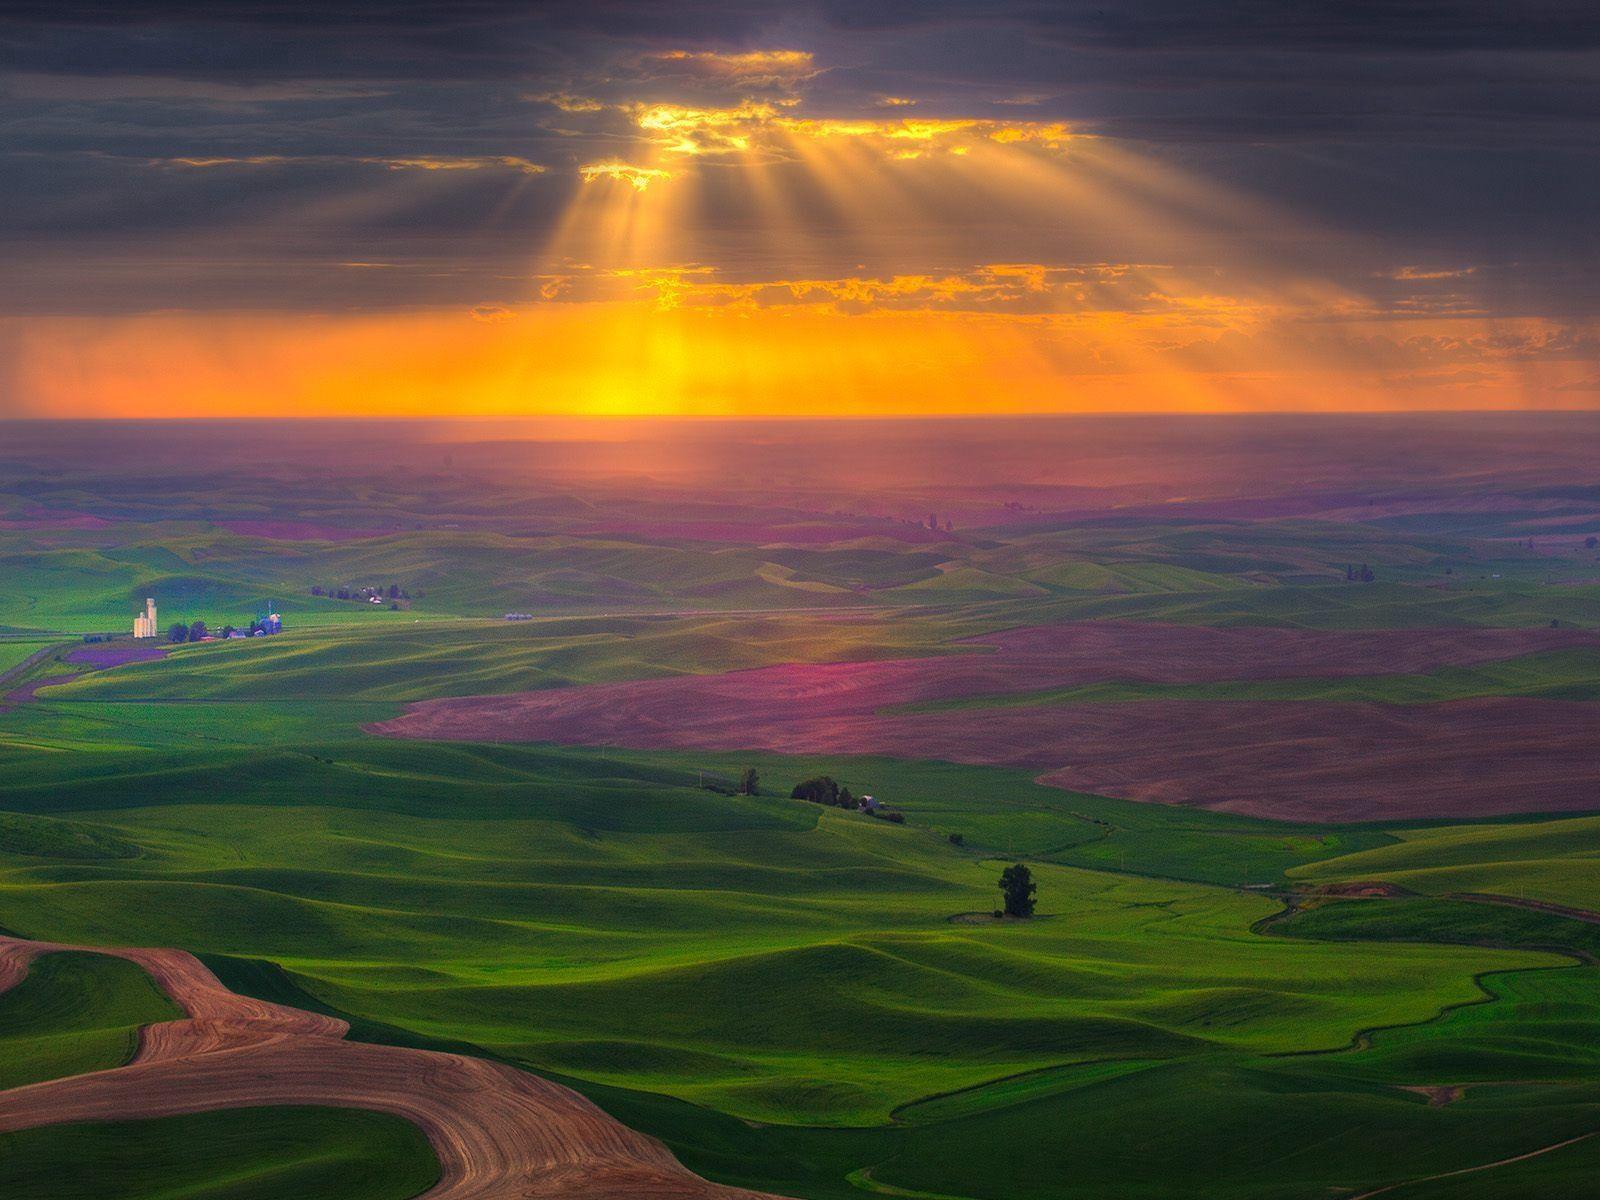 153165 скачать обои Поля, Природа, Небо, Солнце, Облака, Свет, Дорога, Зелень, Равнина - заставки и картинки бесплатно